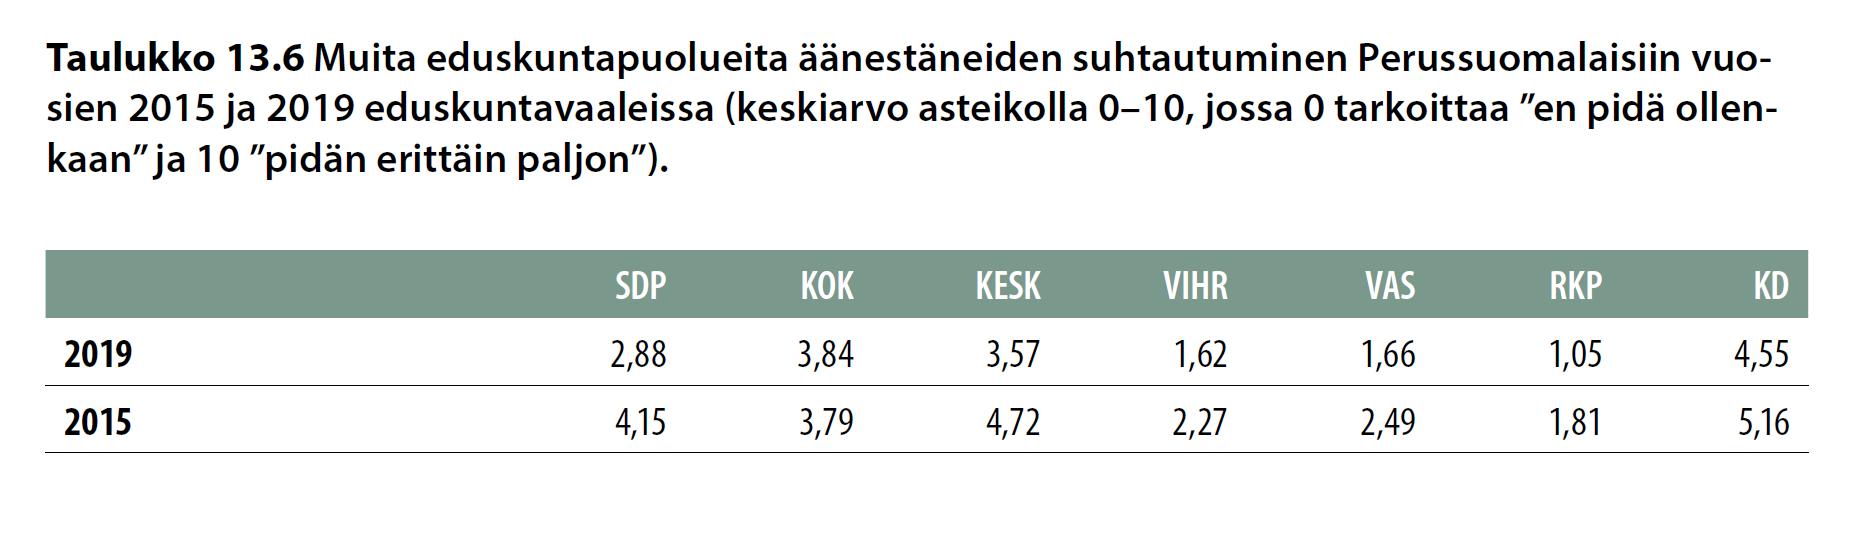 Muita eduskuntapuolueita äänestäneiden suhtautuminen Perussuomalaisiin vuosien 2015 ja 2019 eduskuntavaaleissa